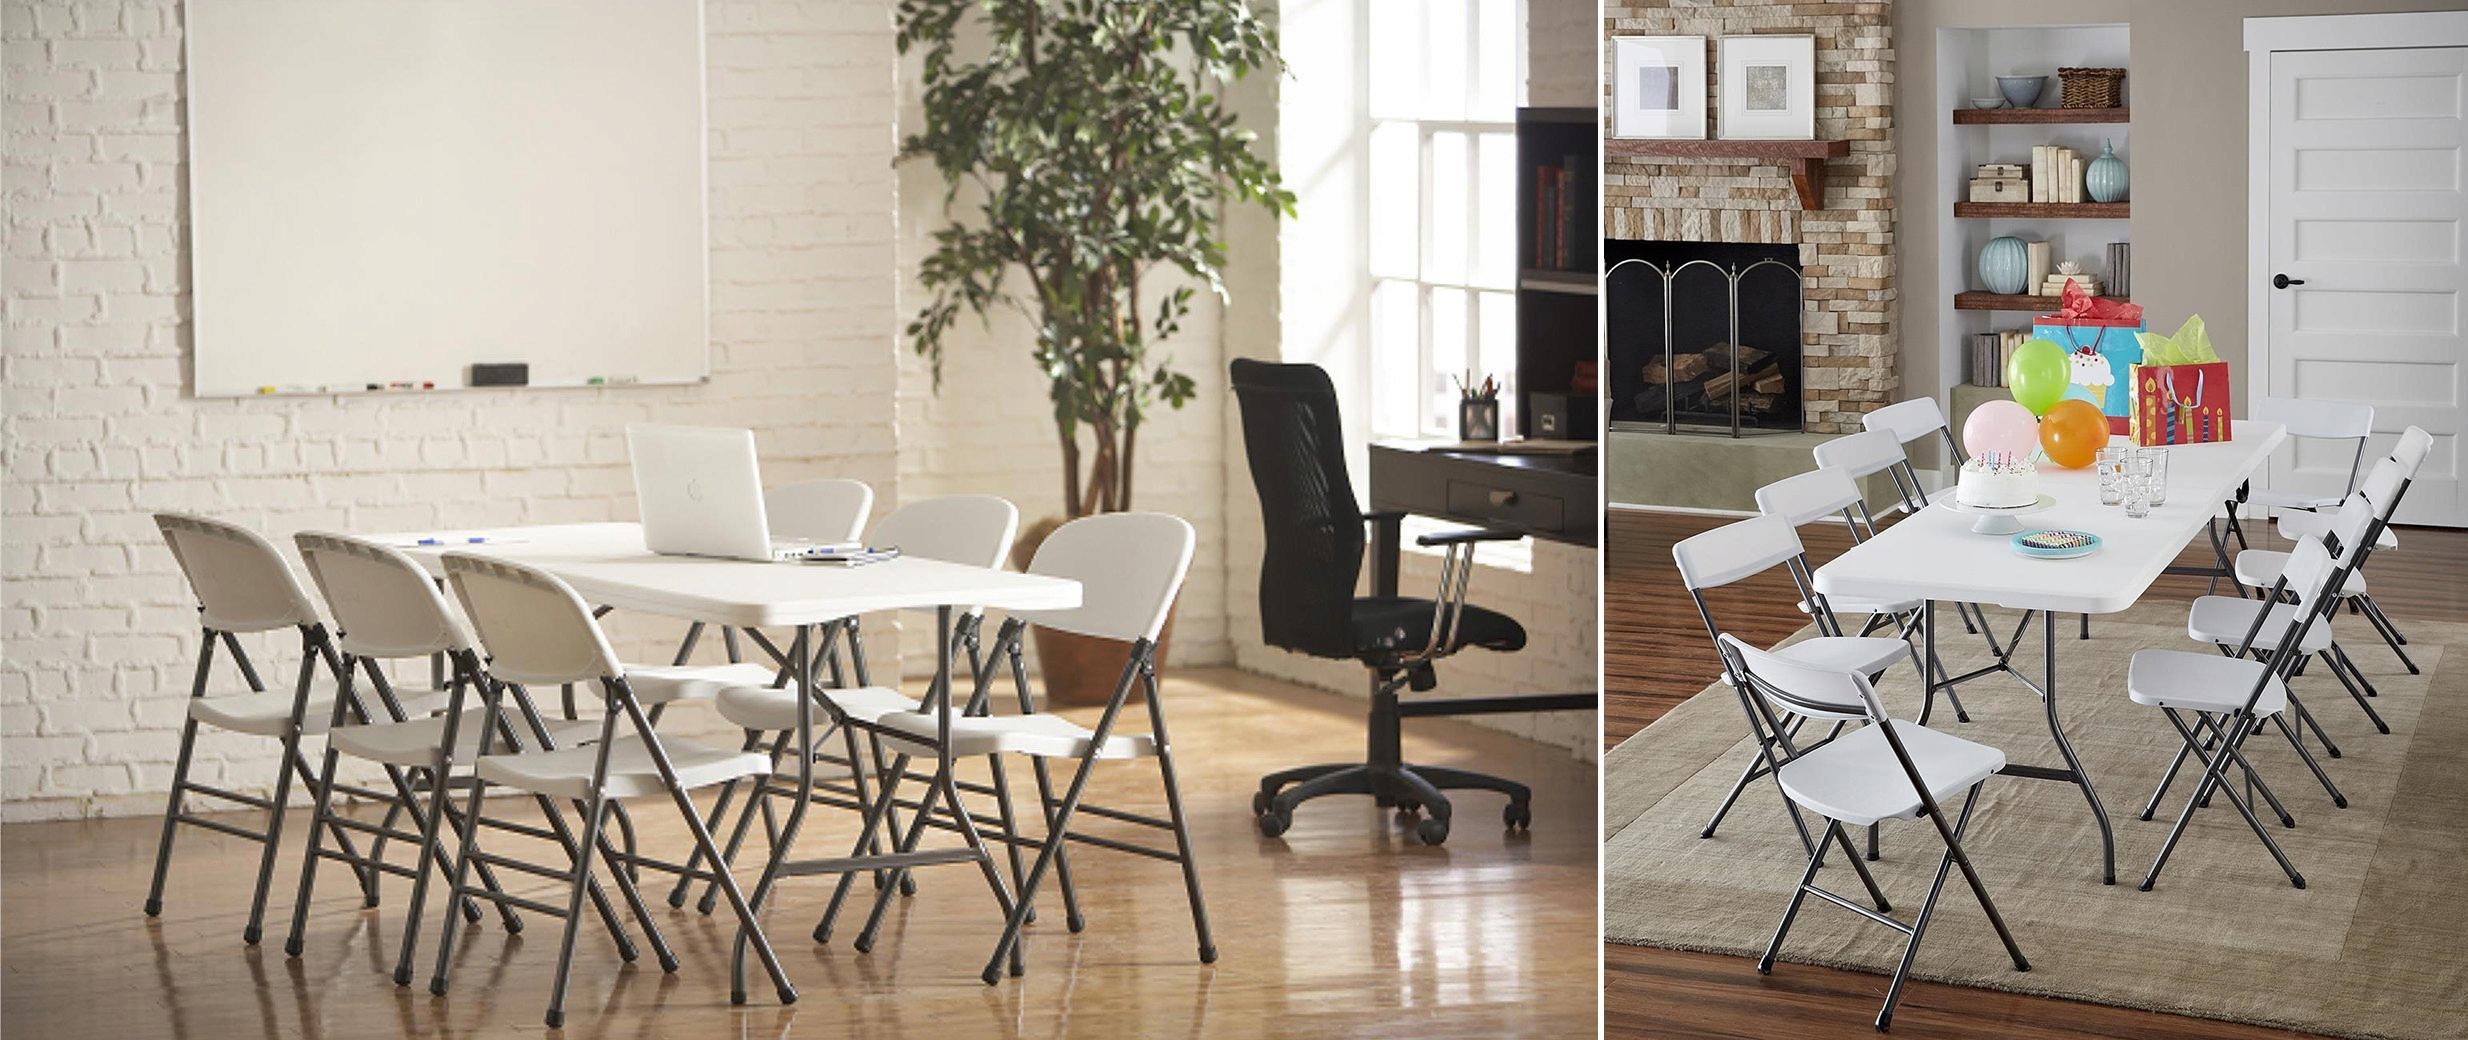 SKLADACÍ ZÁHRADNÝ STOL Premium Premium 180x74cm Line Odolné skladacie záhradné stoly